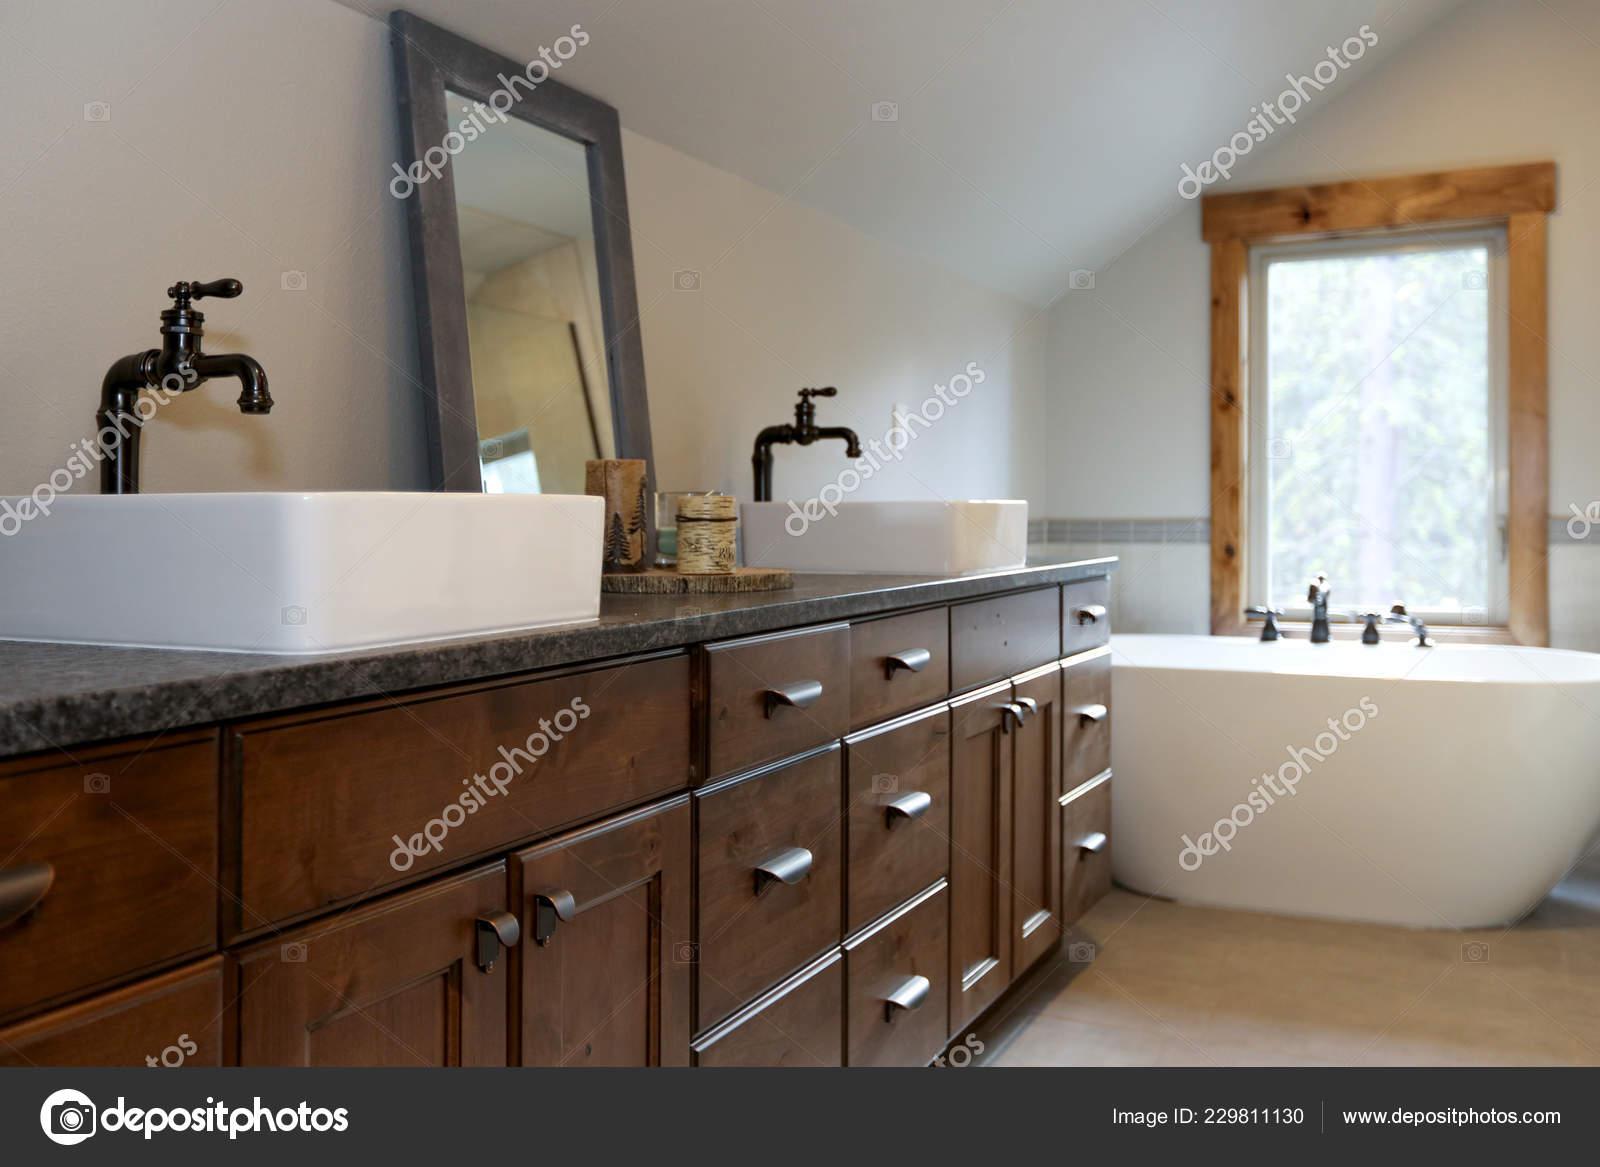 Bagni Per Case Di Campagna : Bagno meravigliosamente progettato una casa campagna dispone doppio